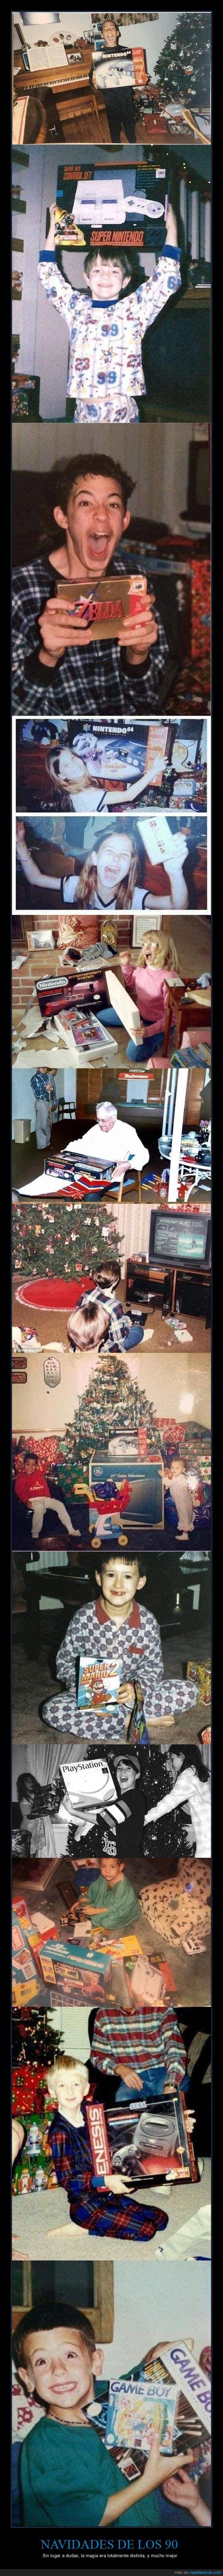 90,navidad,regalos,videojuegos